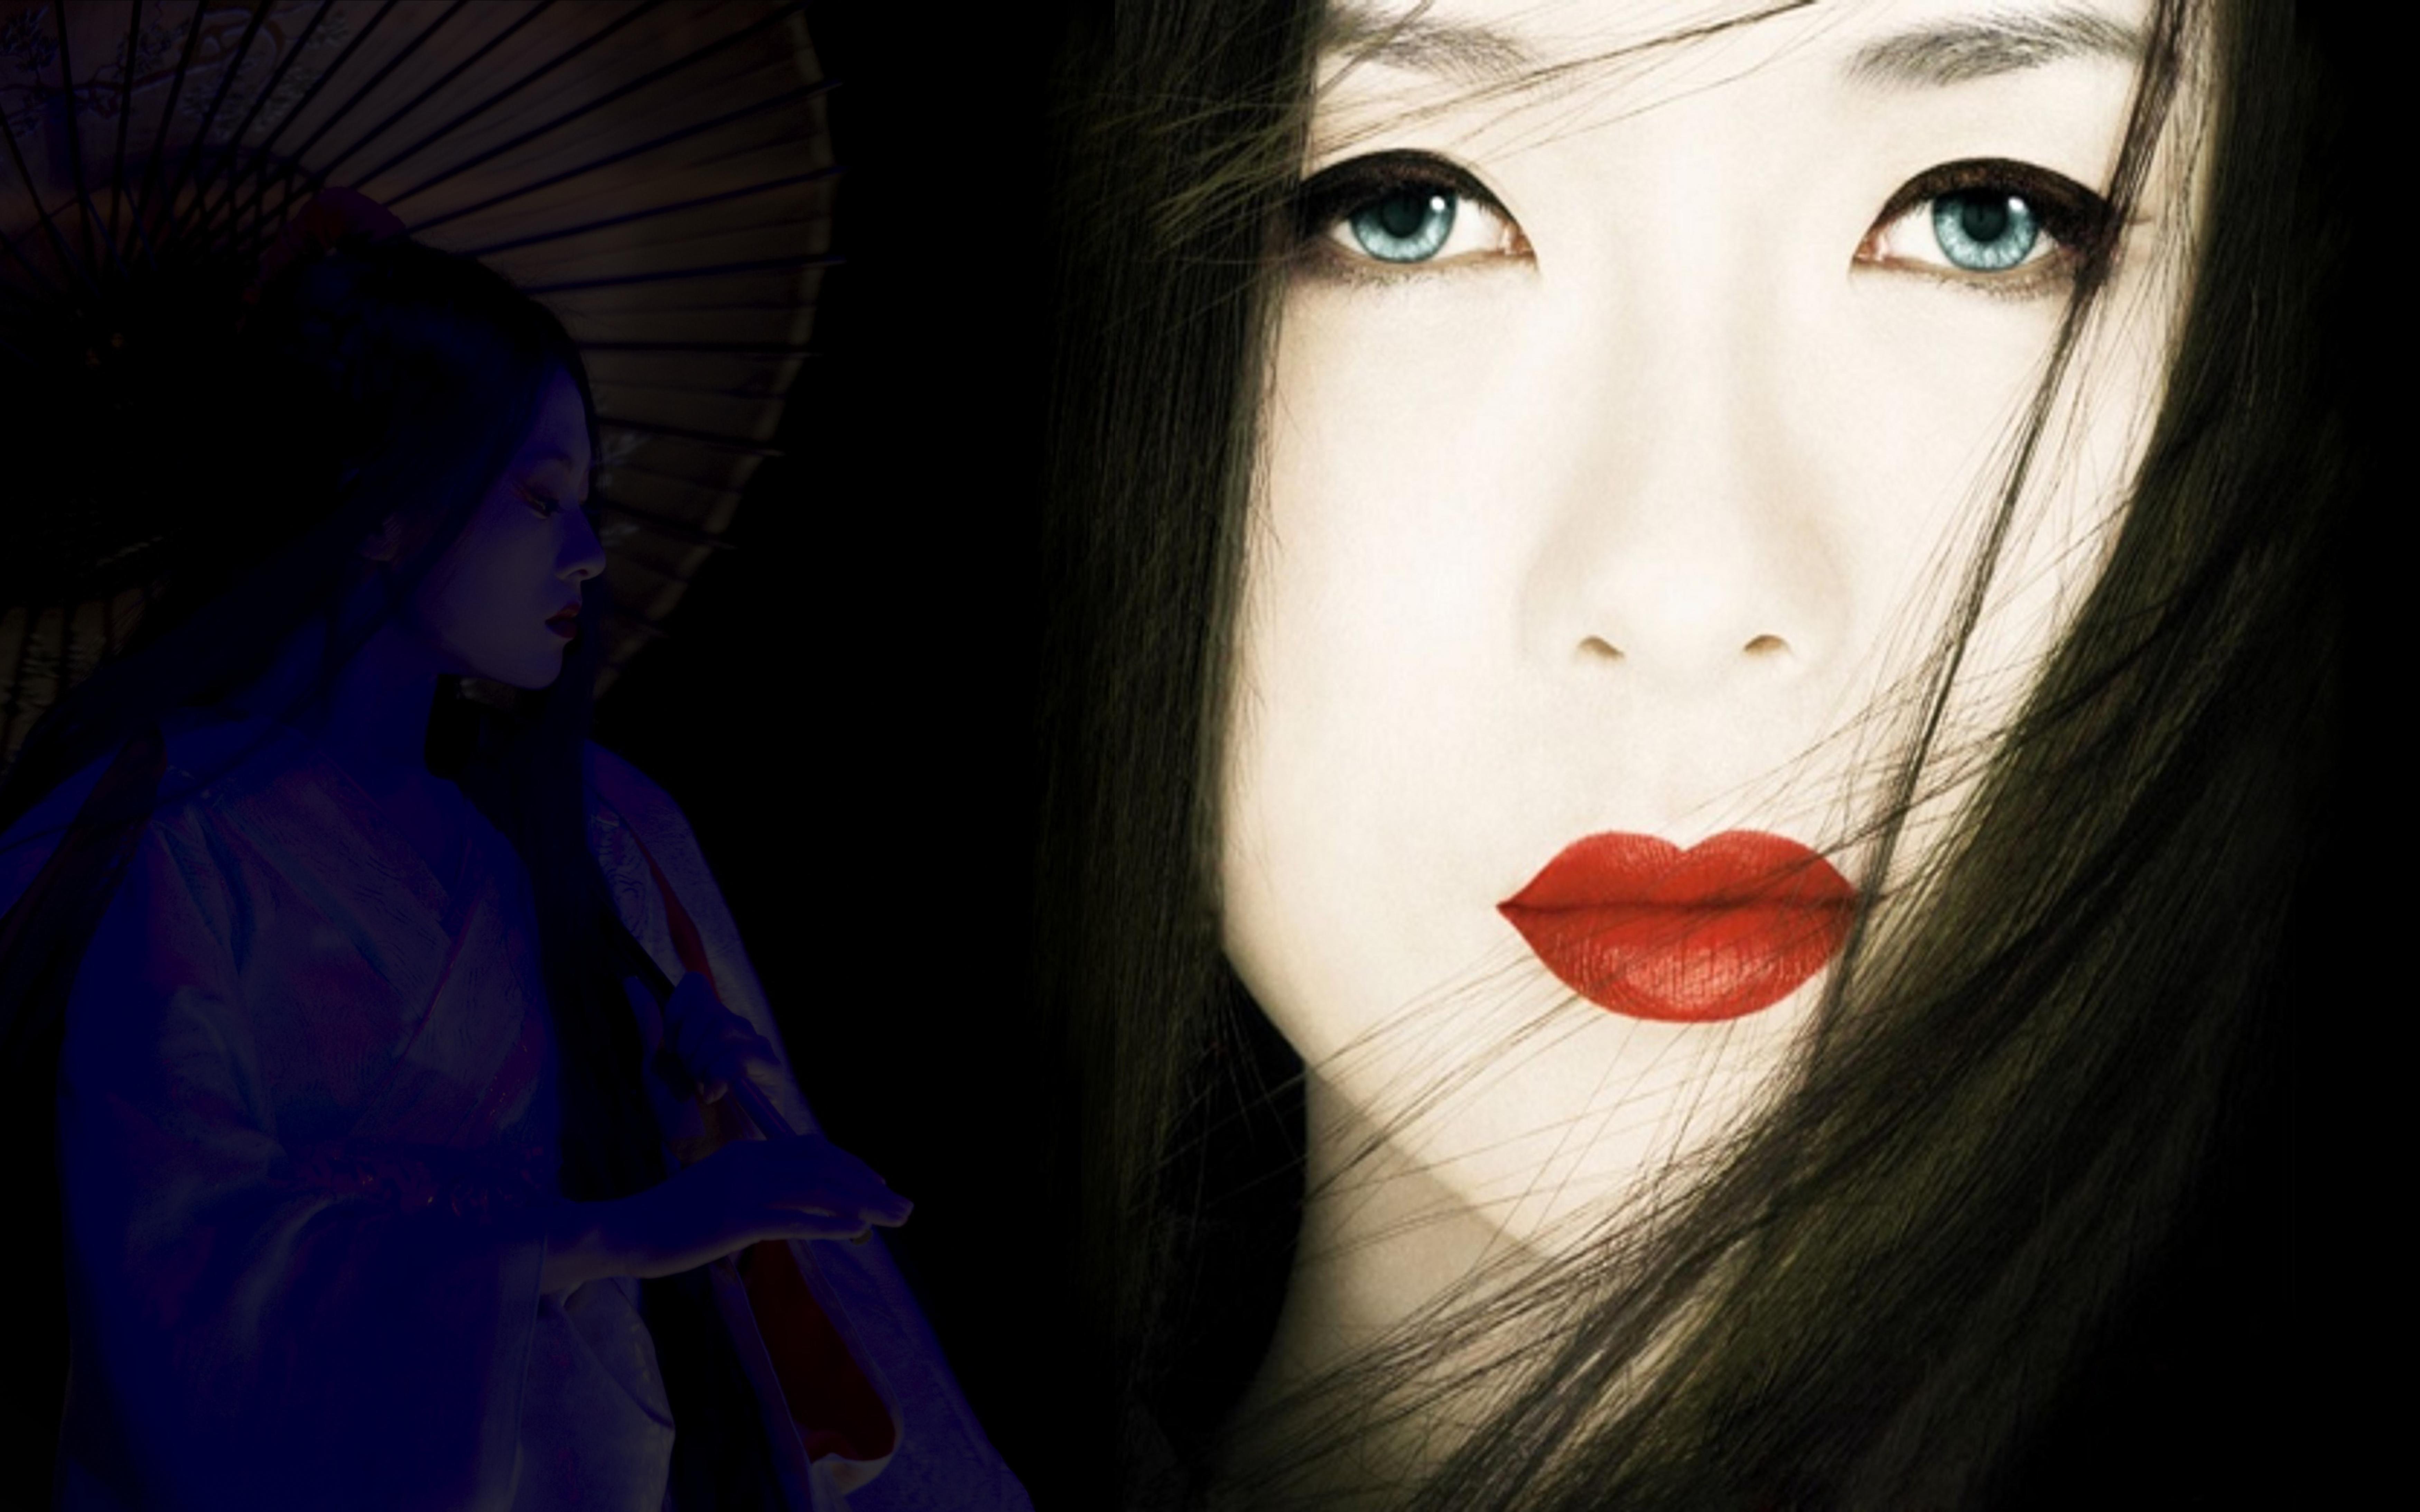 Geisha wallpaper by SandyTech 7000x4375